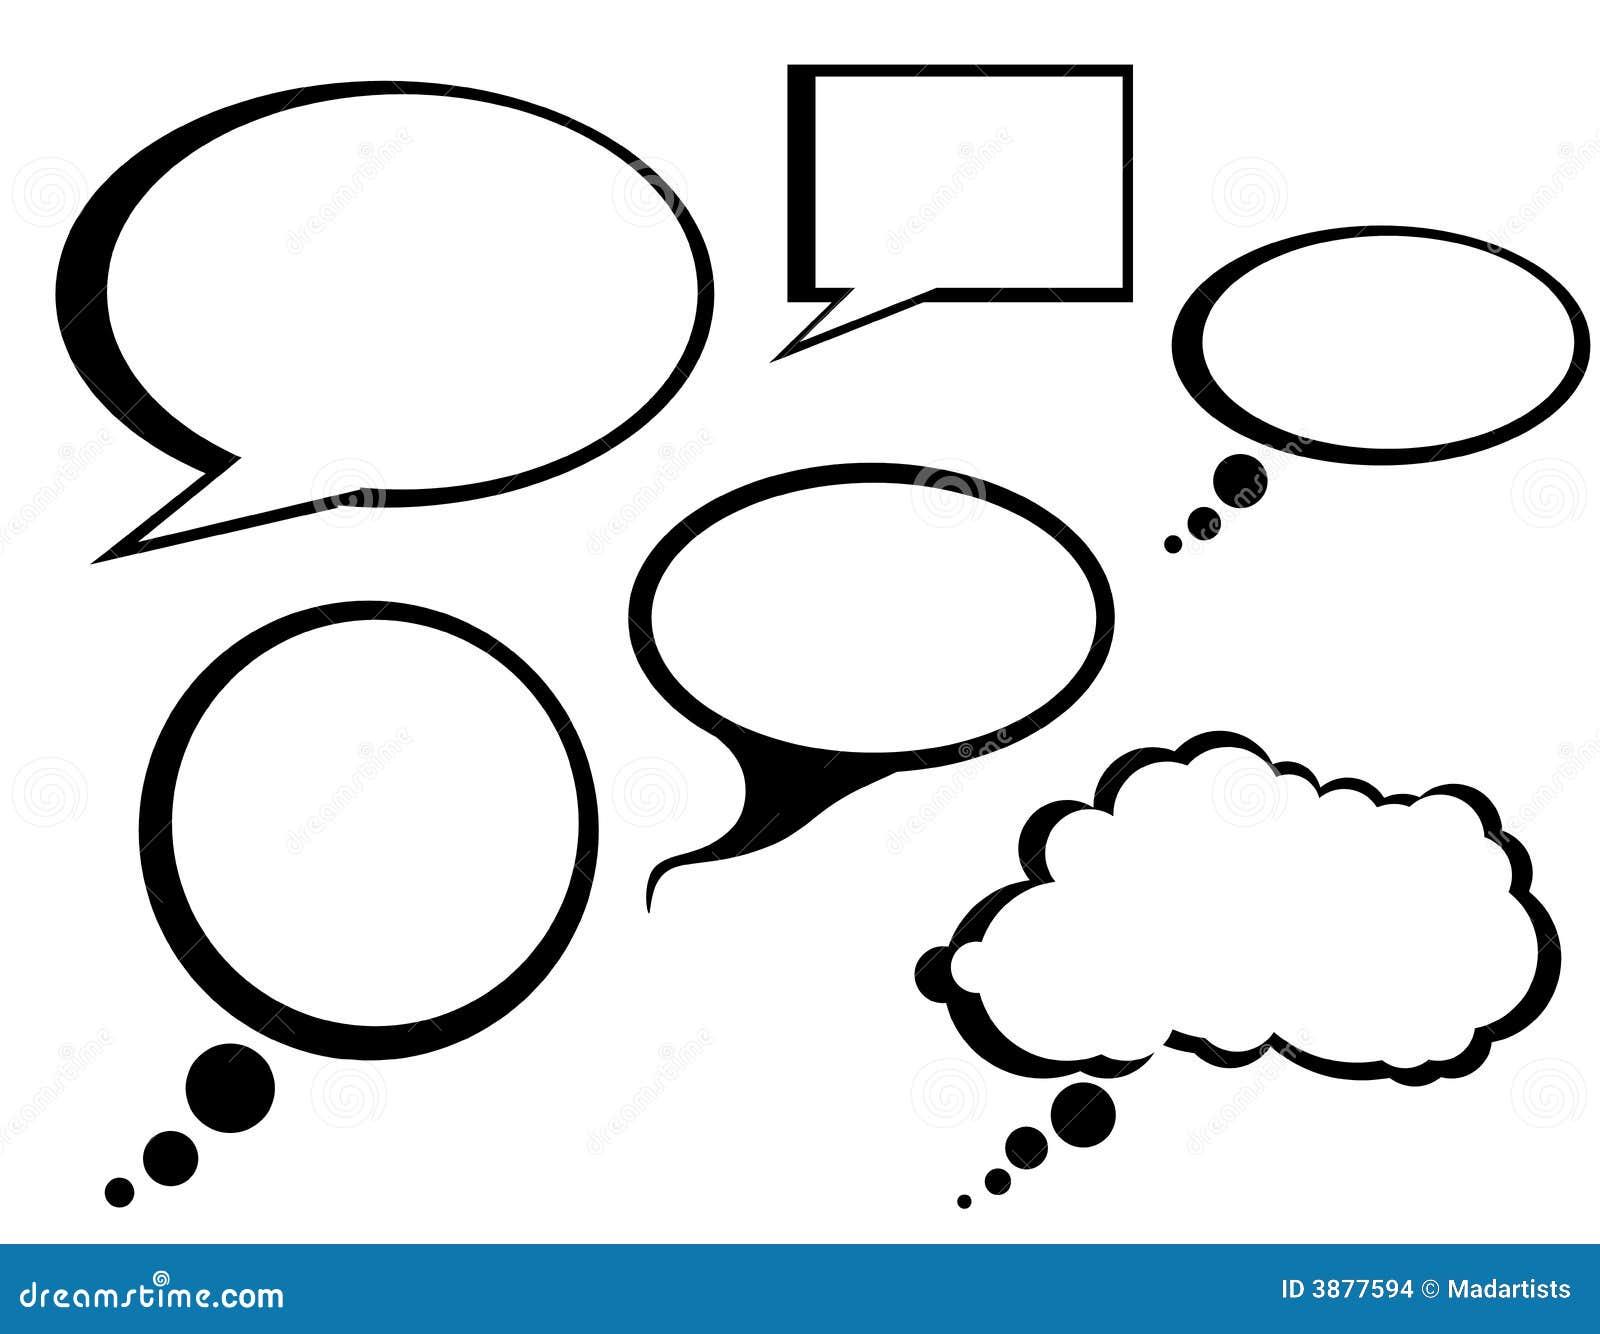 Cartoon Comic Talk Bubbles Clip Art Stock Images - Image: 3877594